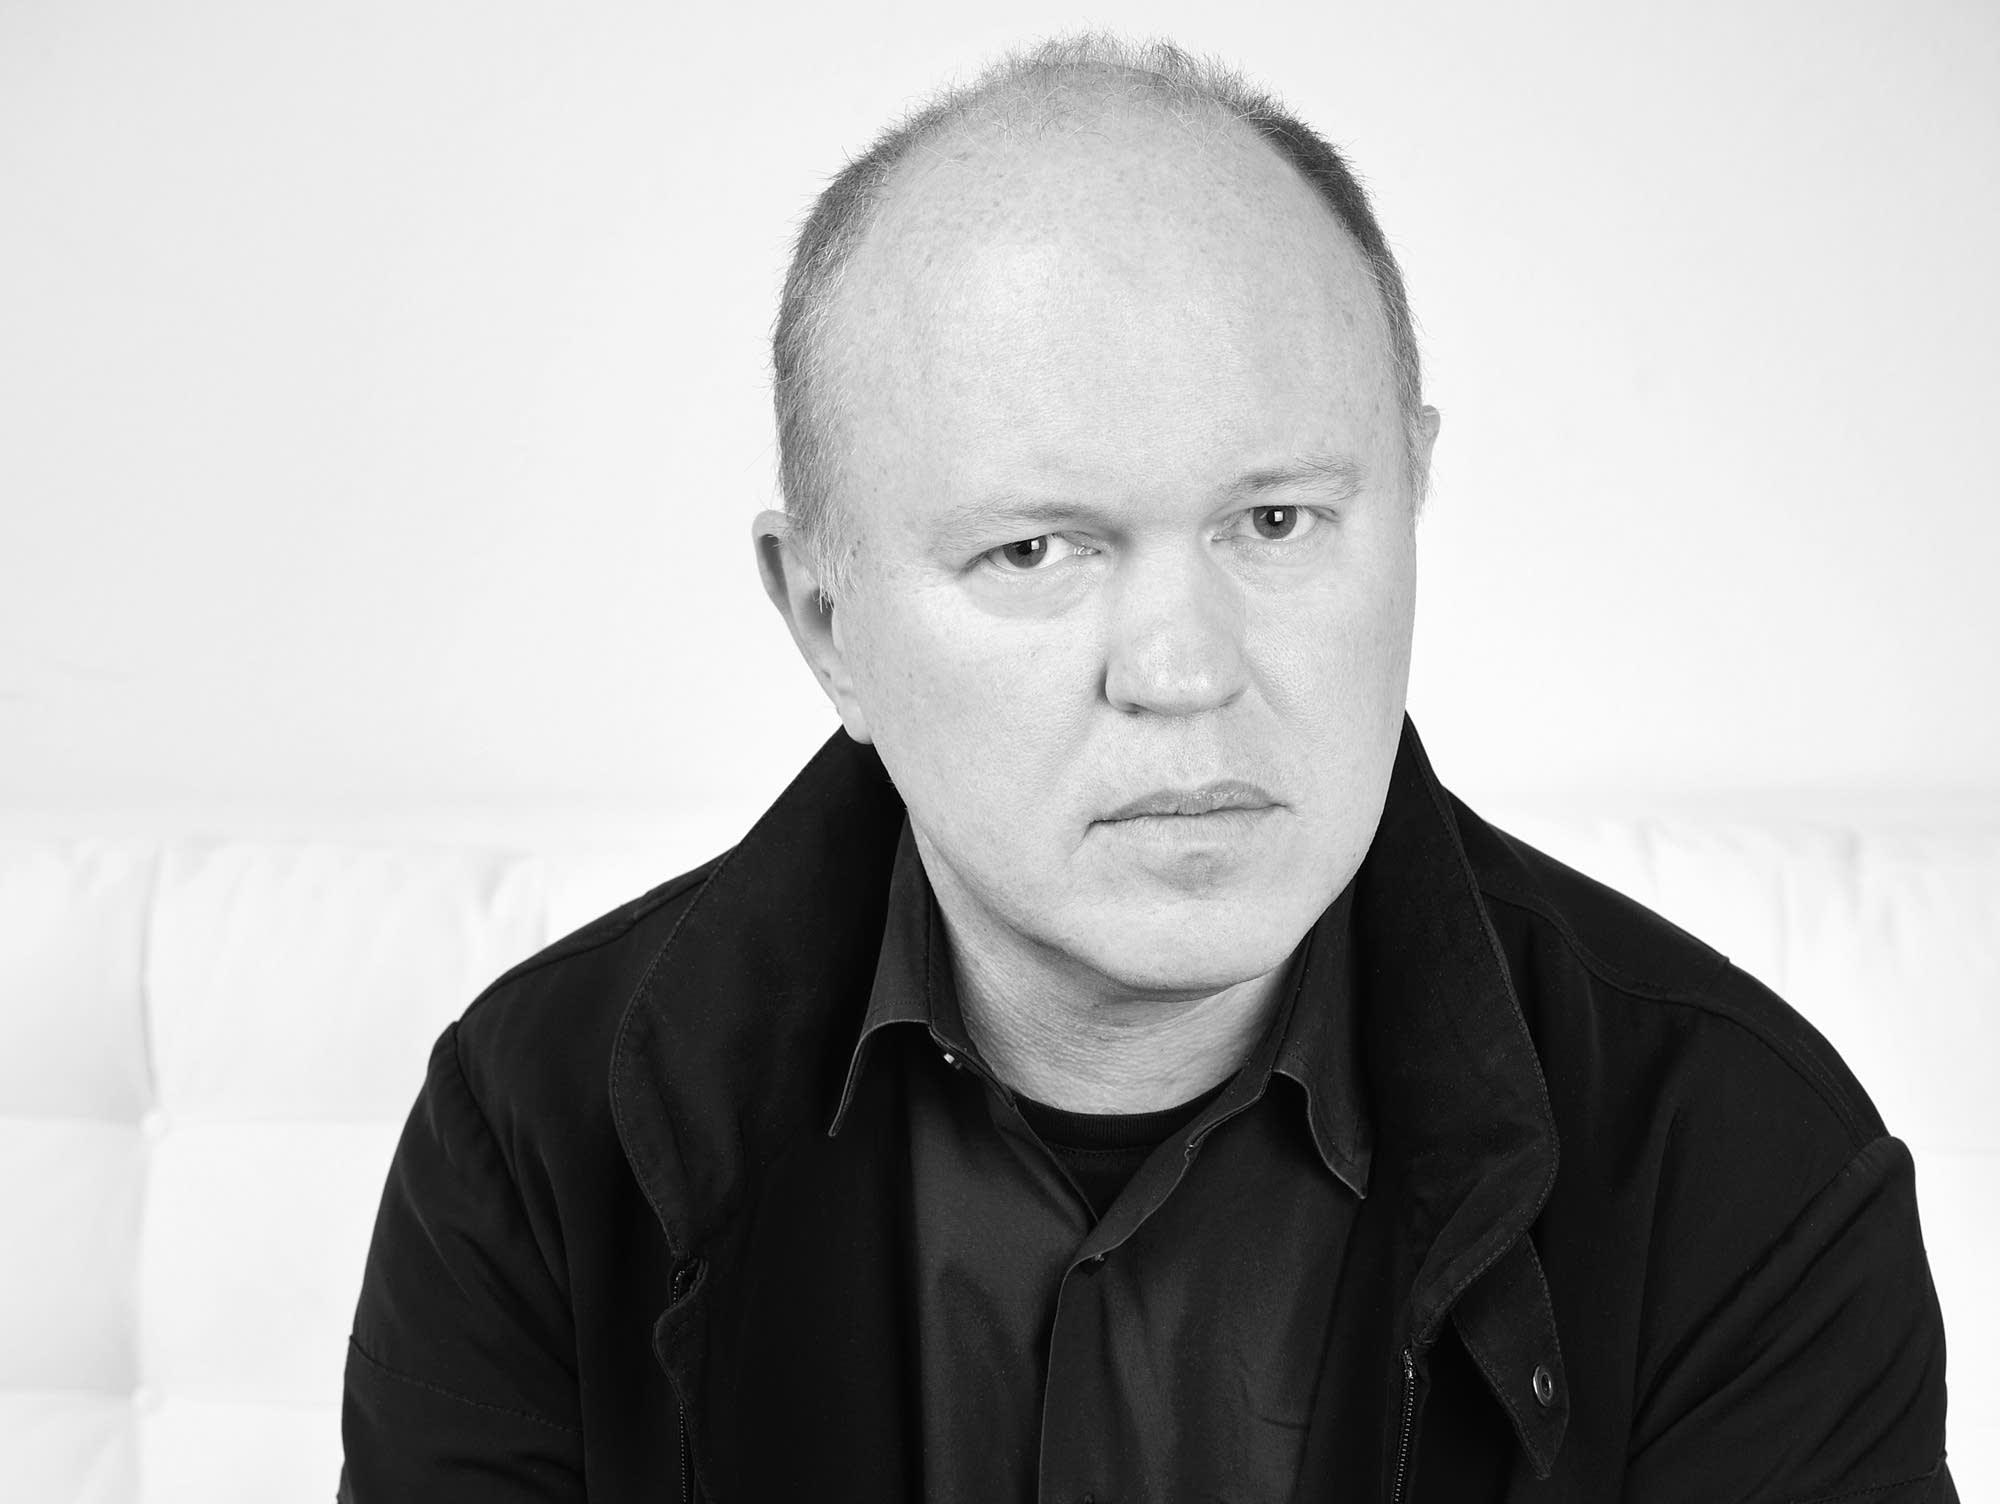 Michael Torke